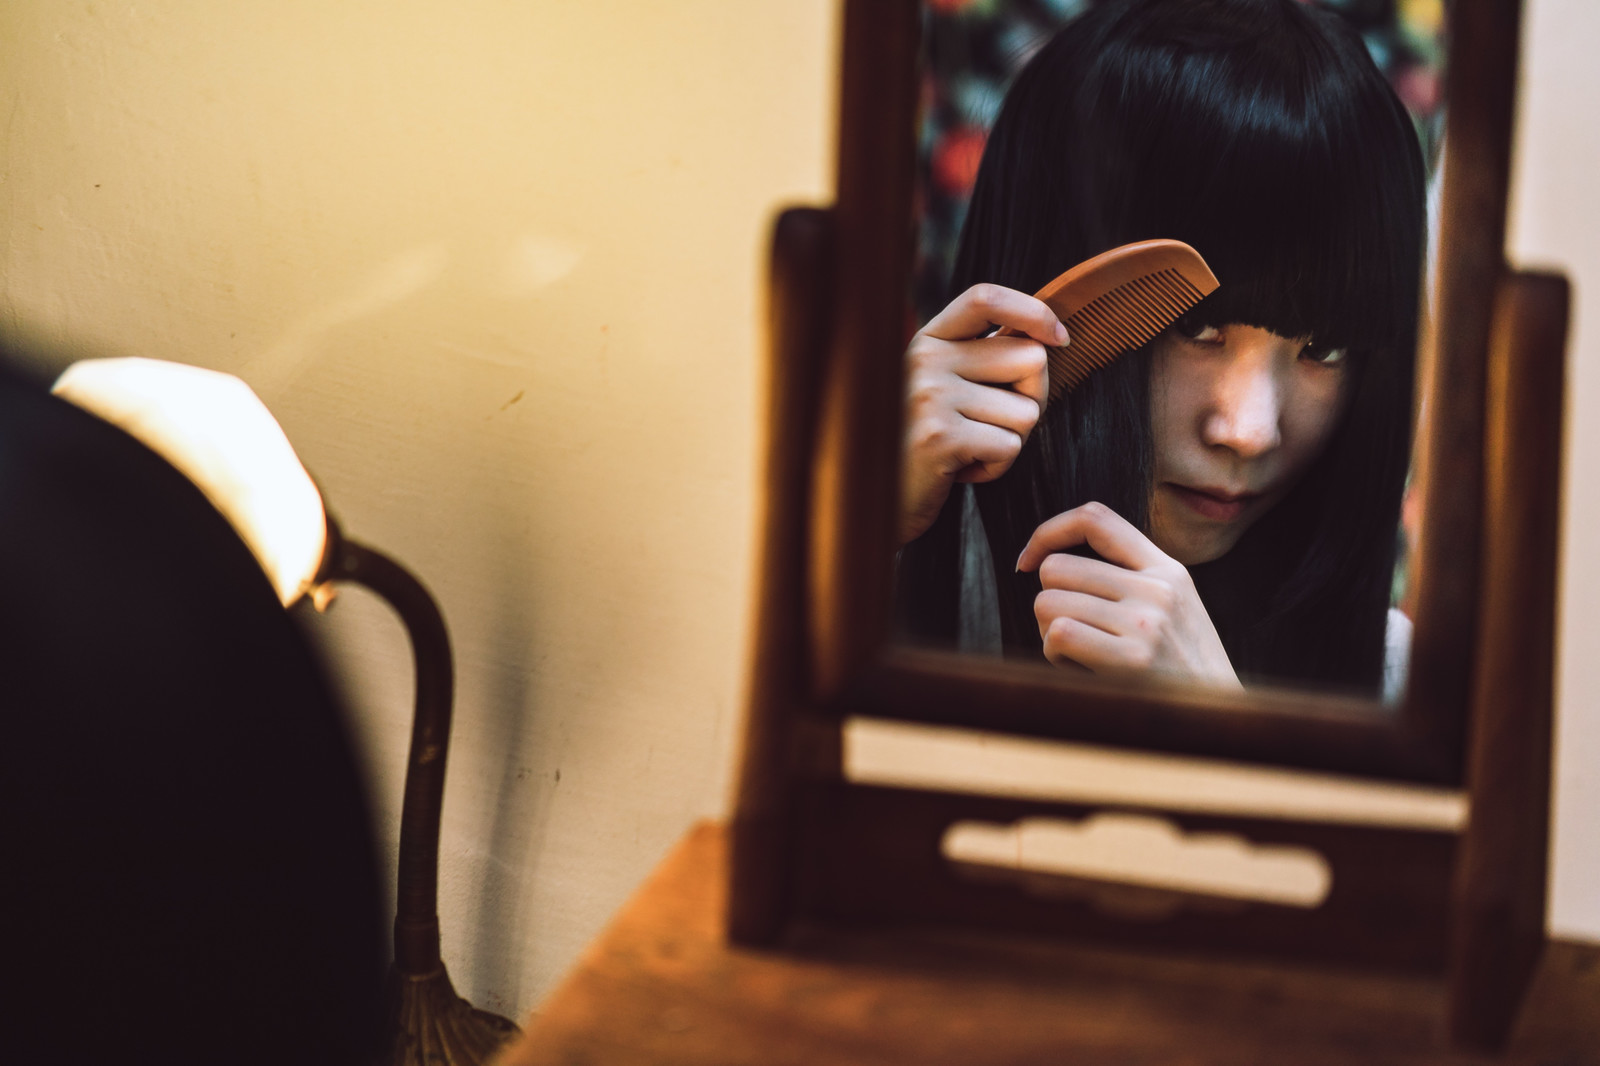 「化粧台の小さな鏡で櫛を通す女性」の写真[モデル:緋真煉]